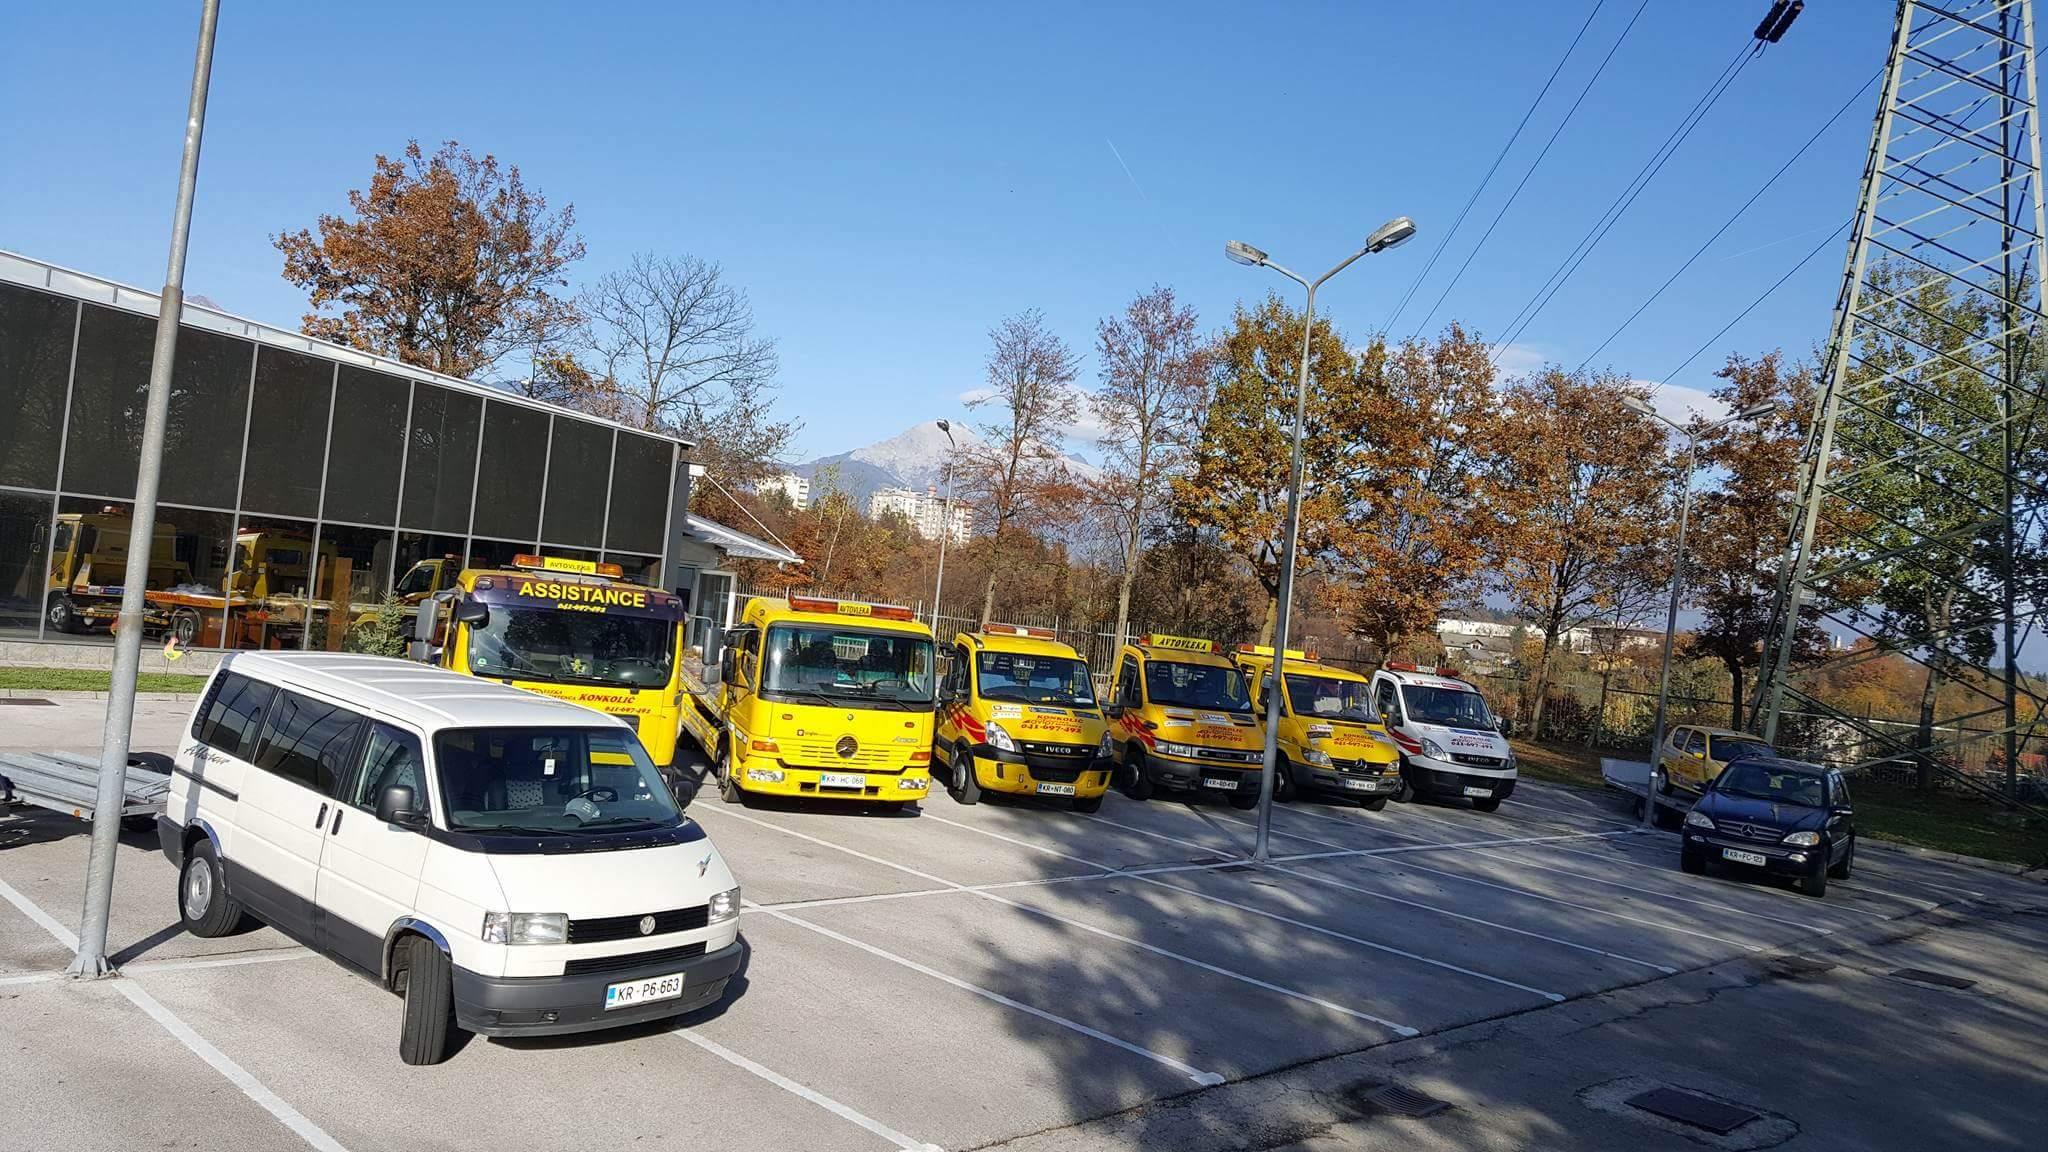 Avtovleka Kranj - Avtoasistenca Konkolič Kranj, Towing Service Kranj, Abschleppdienst Kranj received_10206014333232528